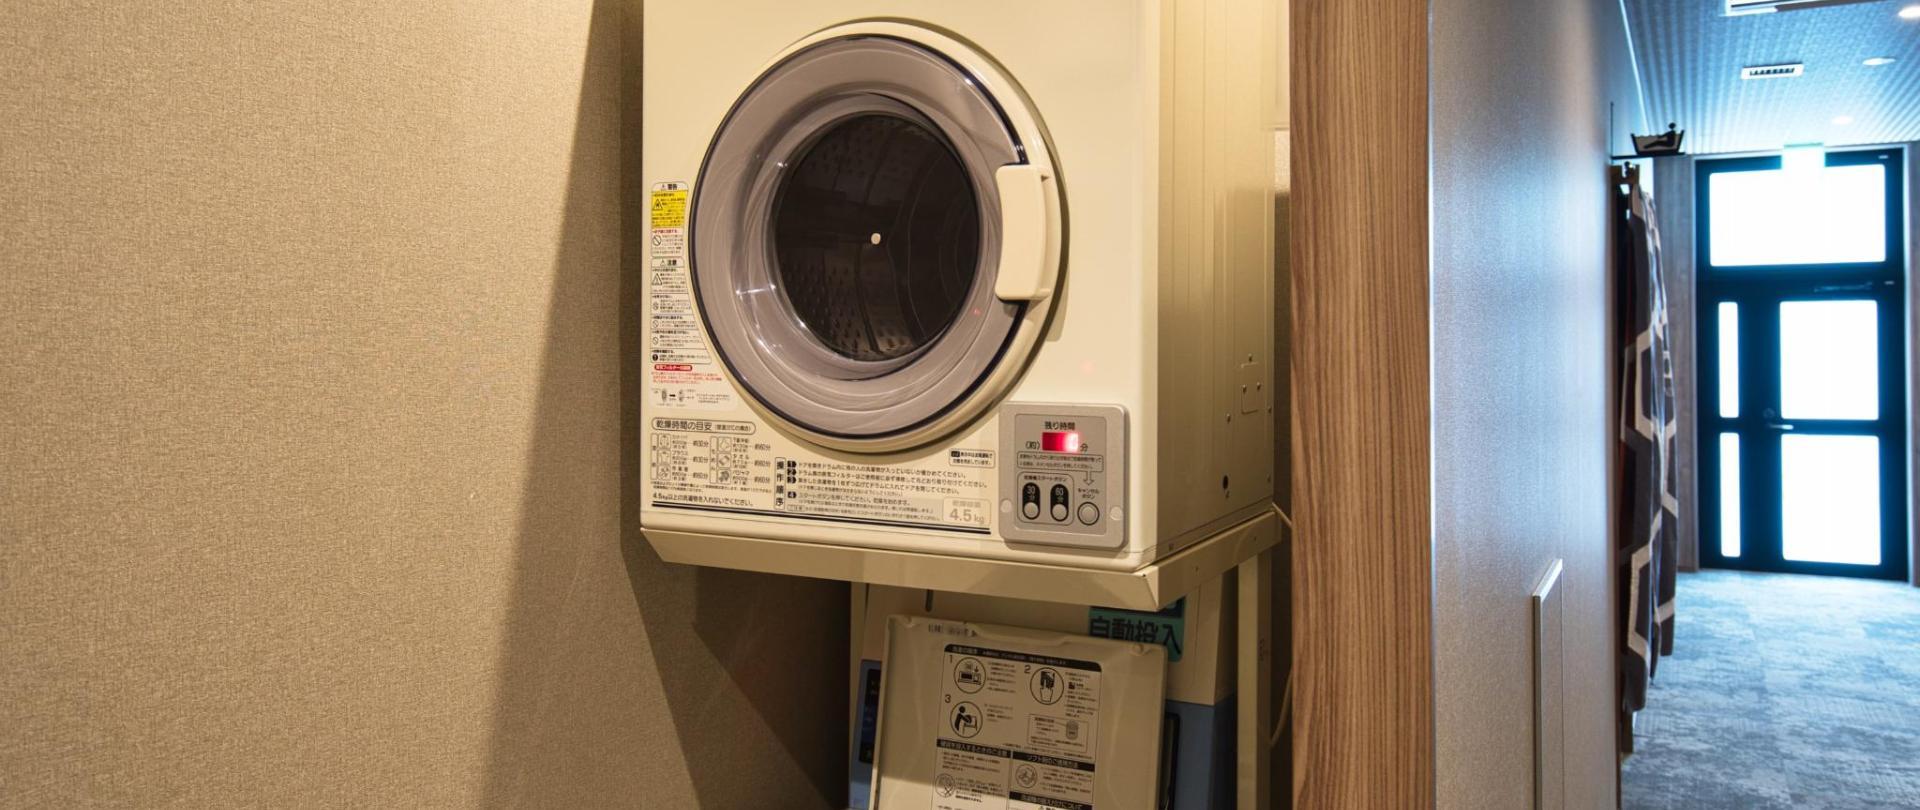 laundry_0495_3k.jpg